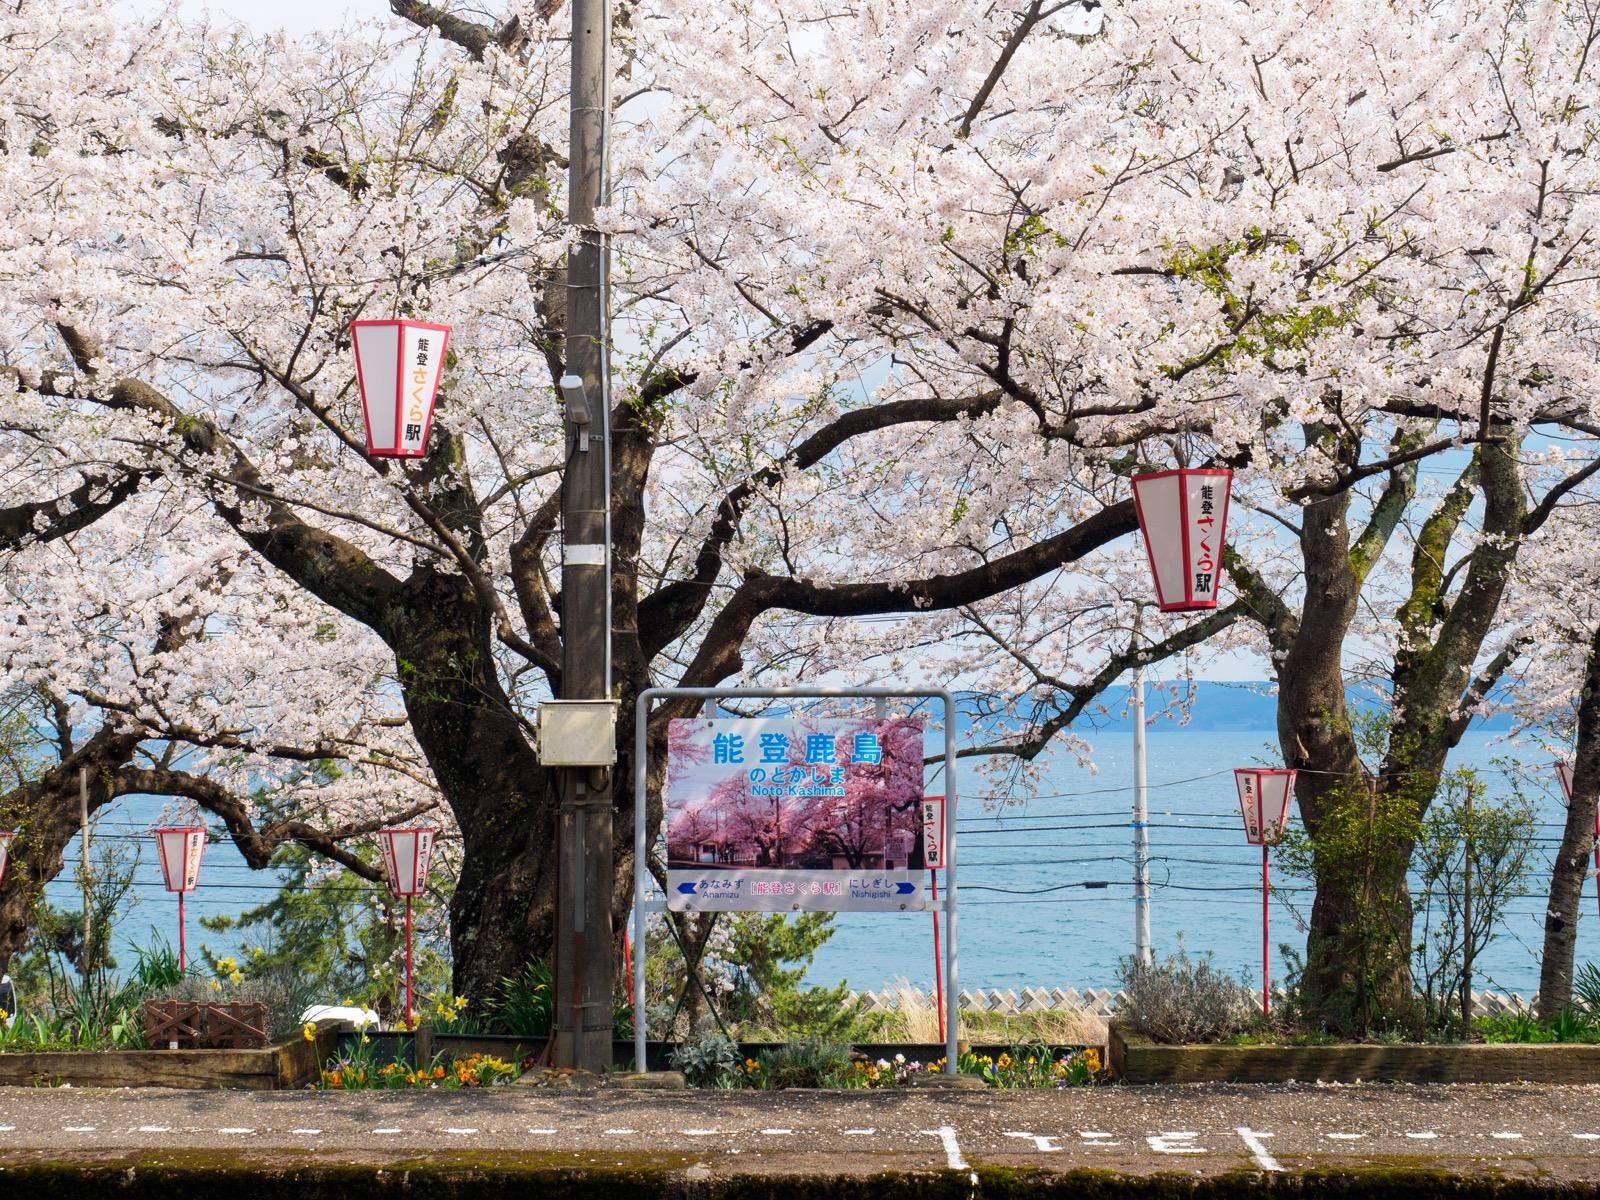 桜が咲き誇る能登鹿島駅(能登さくら駅)のホームと、七尾湾